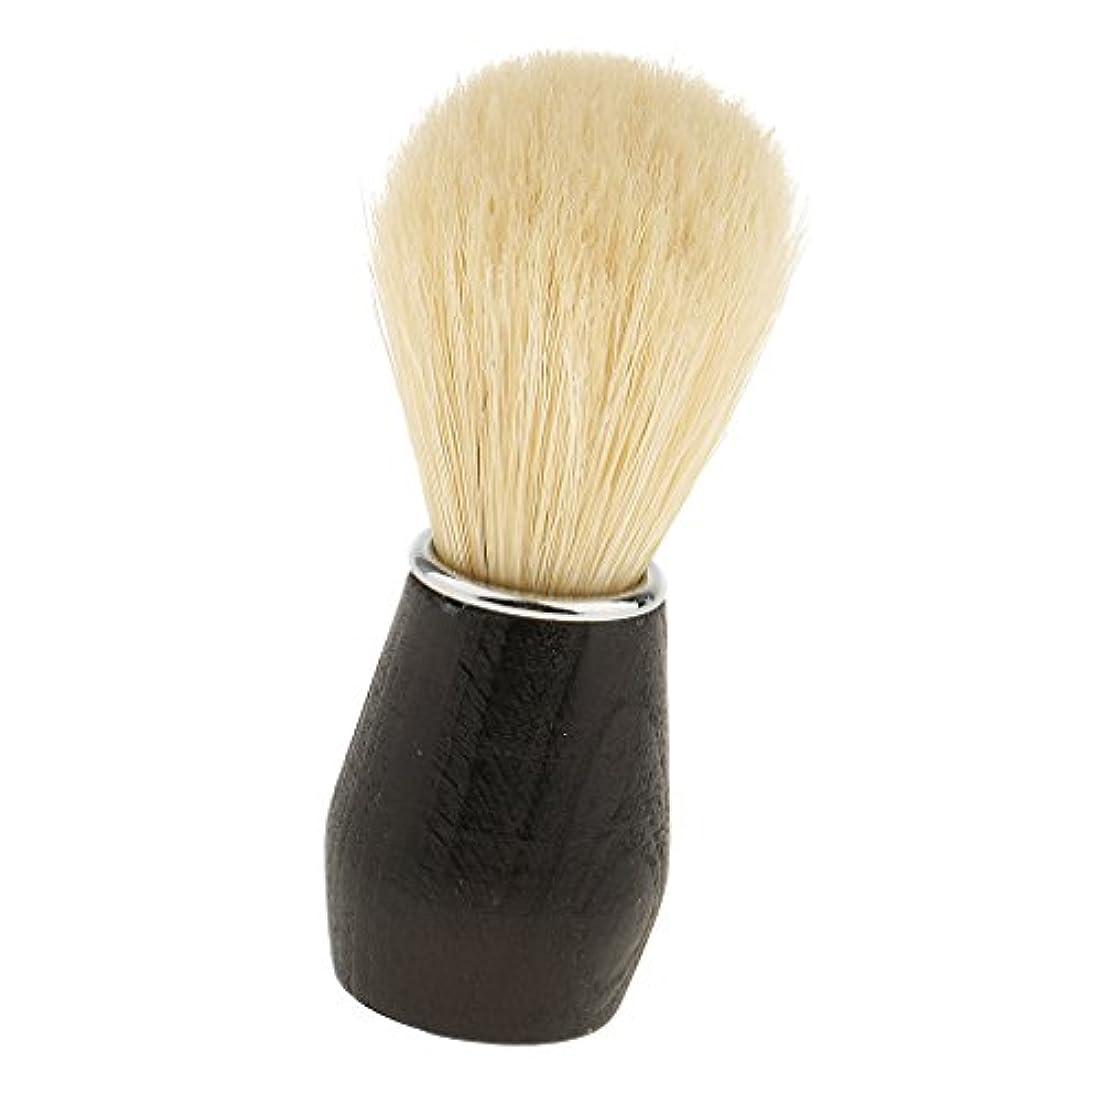 夏間違っている妖精Baosity 父のギフト ソフト 実用的 プロフェッショナル バーバーサロン家庭用 ひげ剃りブラシ プラスチックハンドル フェイシャルクリーニングブラシ ブラック